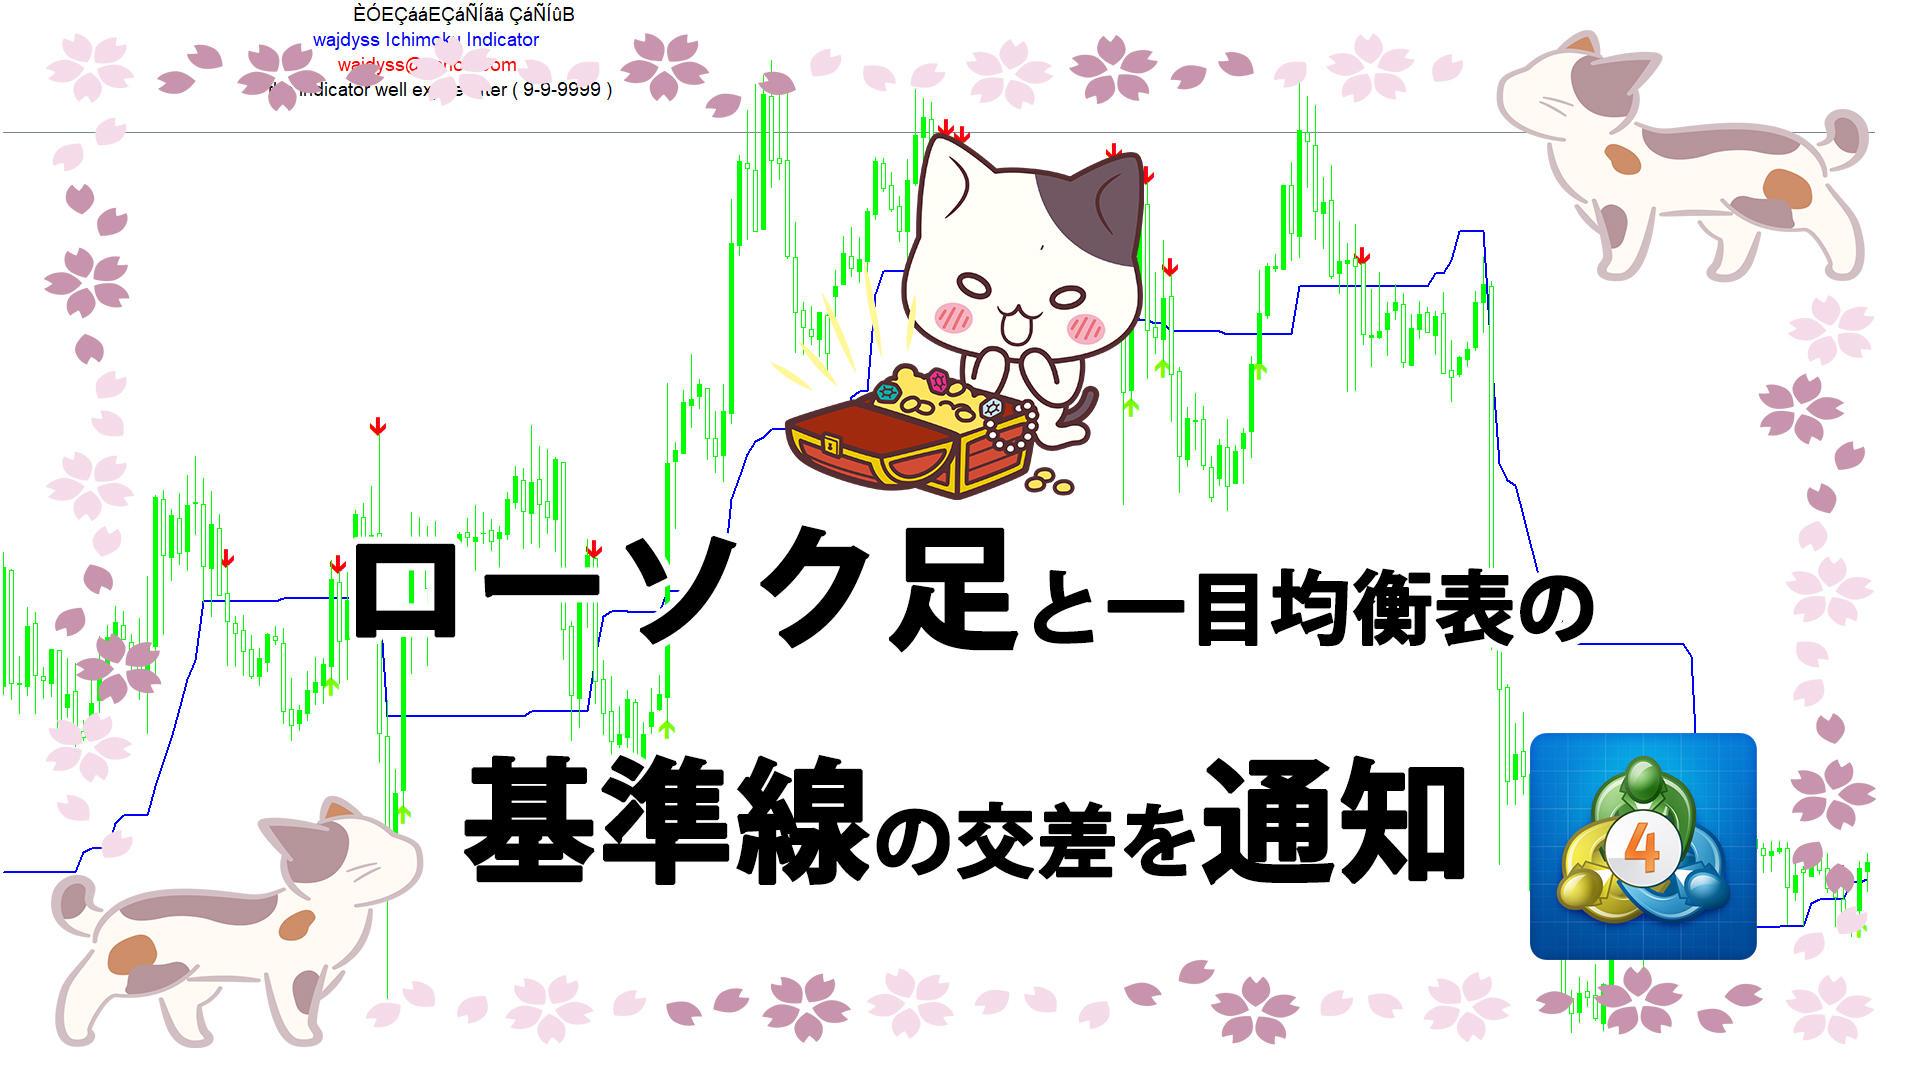 ローソク足と一目均衡表の基準線の交差を矢印とアラートで通知するMT4インジケーターを表示する「wajdyss_Ichimoku_Indicator_V1」